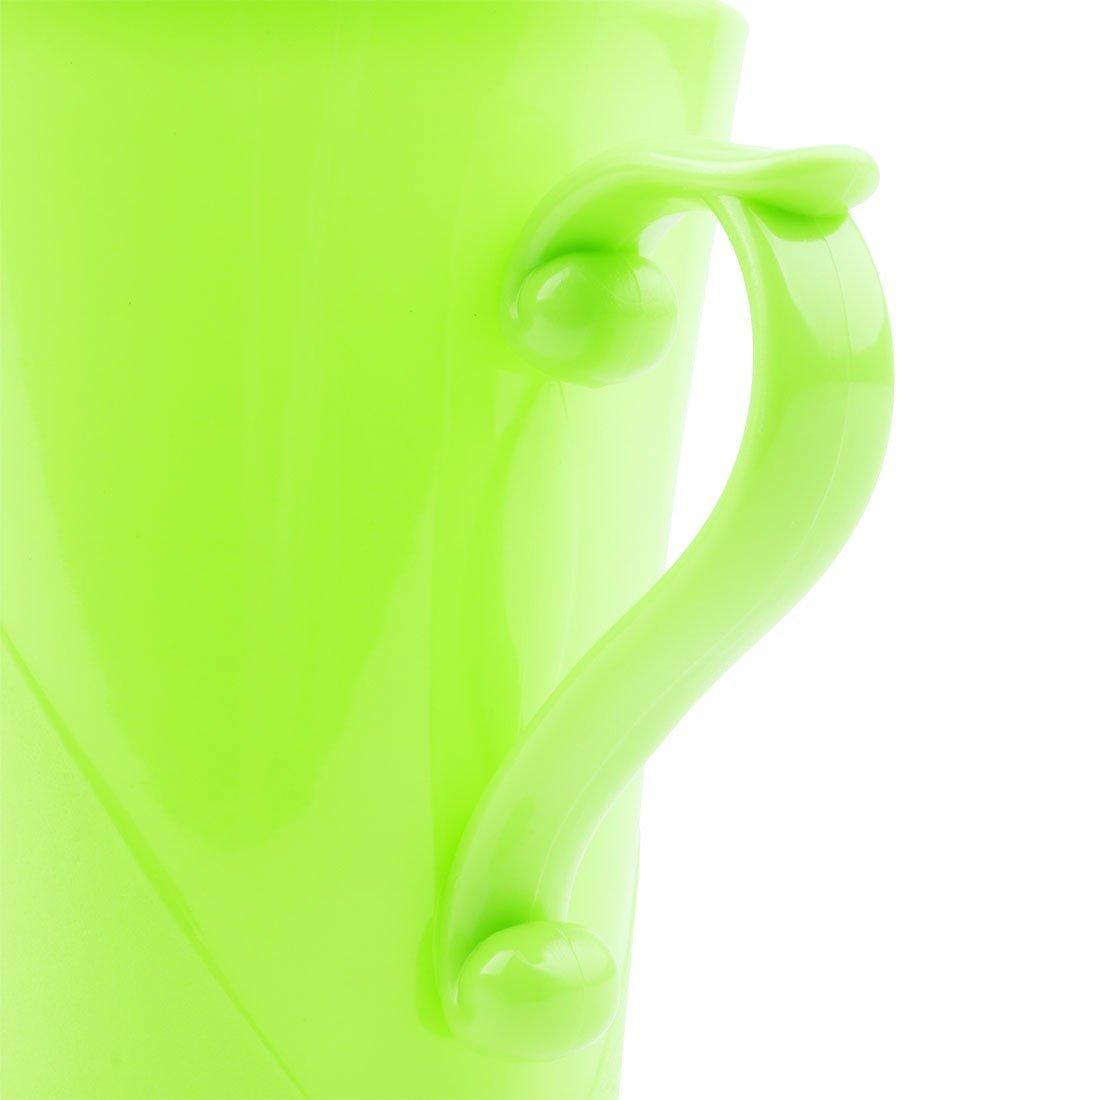 Amazon.com: eDealMax Hogar Baño de agua de plástico soporte ...